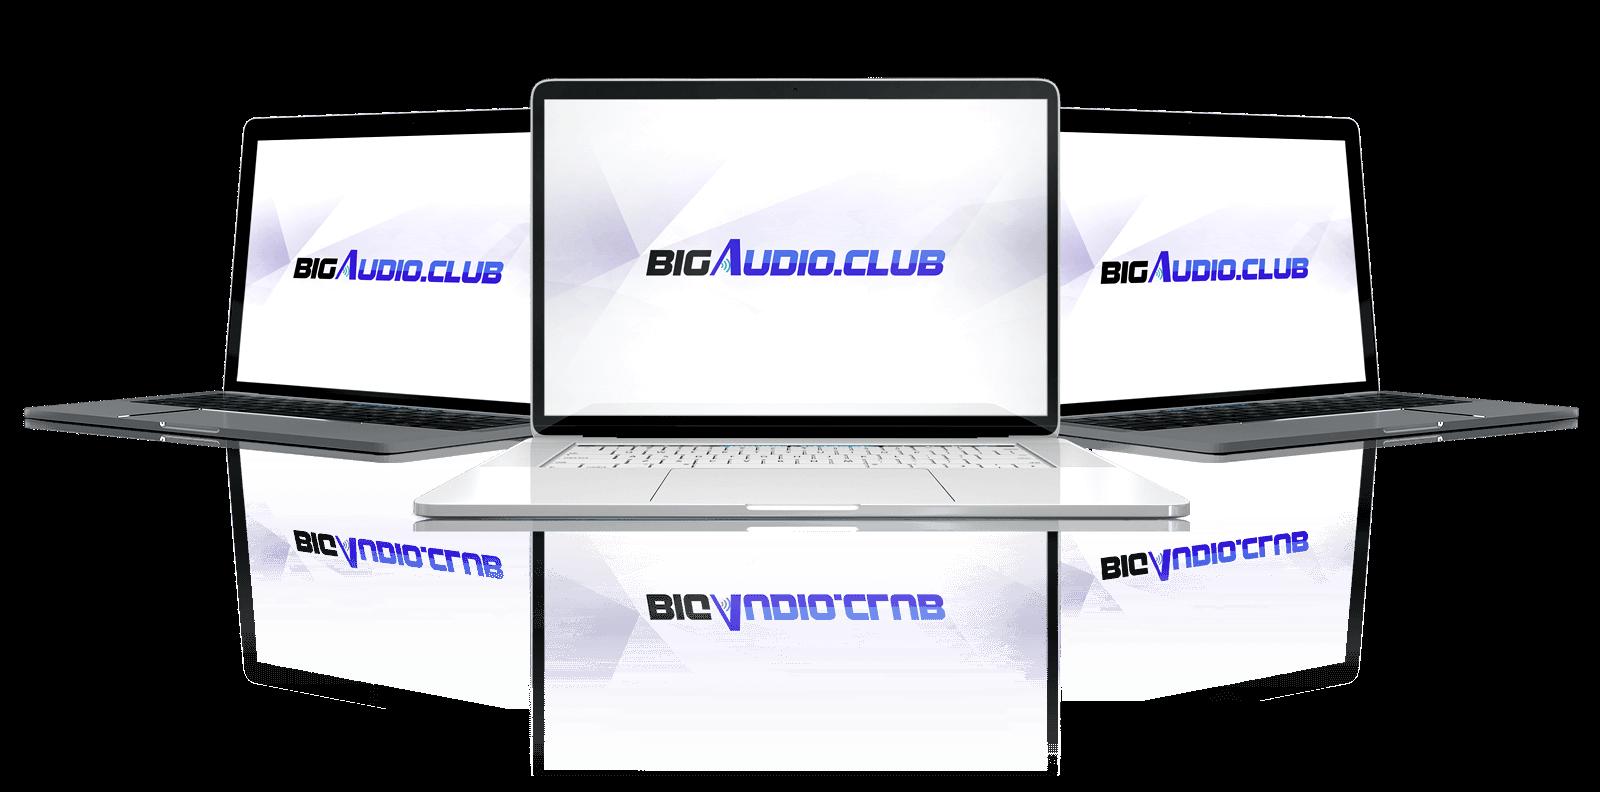 Big-Audio-Club